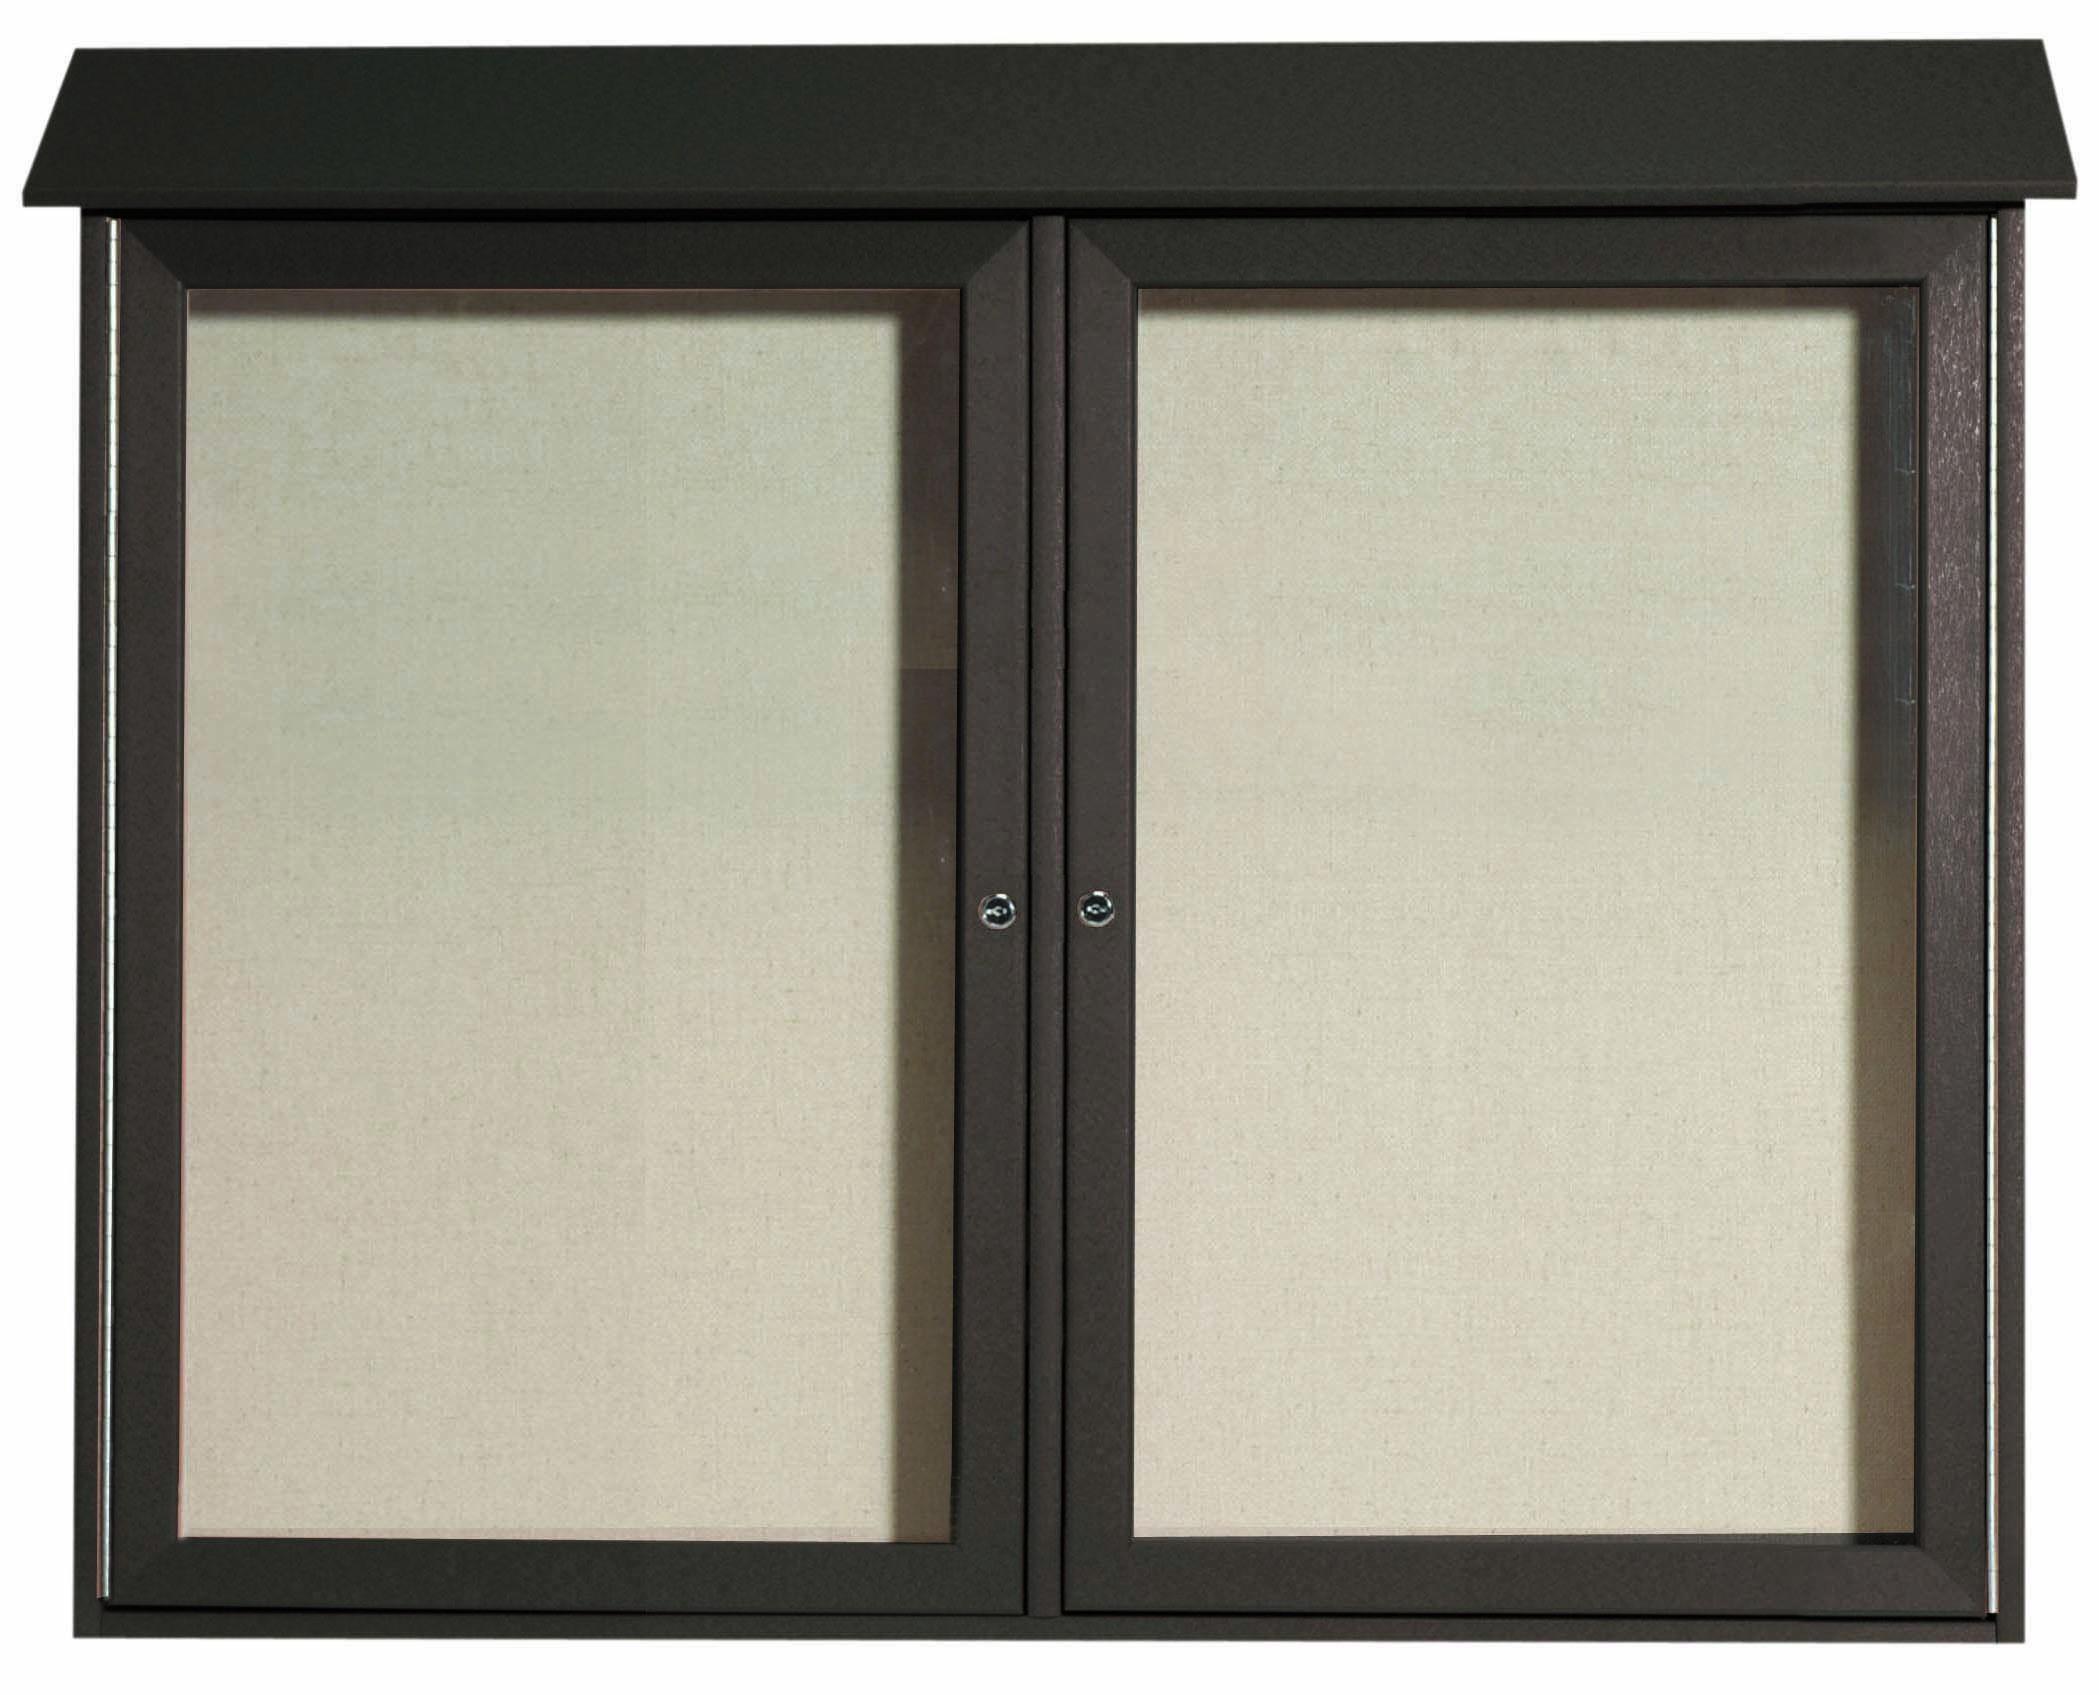 Green Two Door Hinged Door Plastic Lumber Message Center with Vinyl Posting Surface-  36